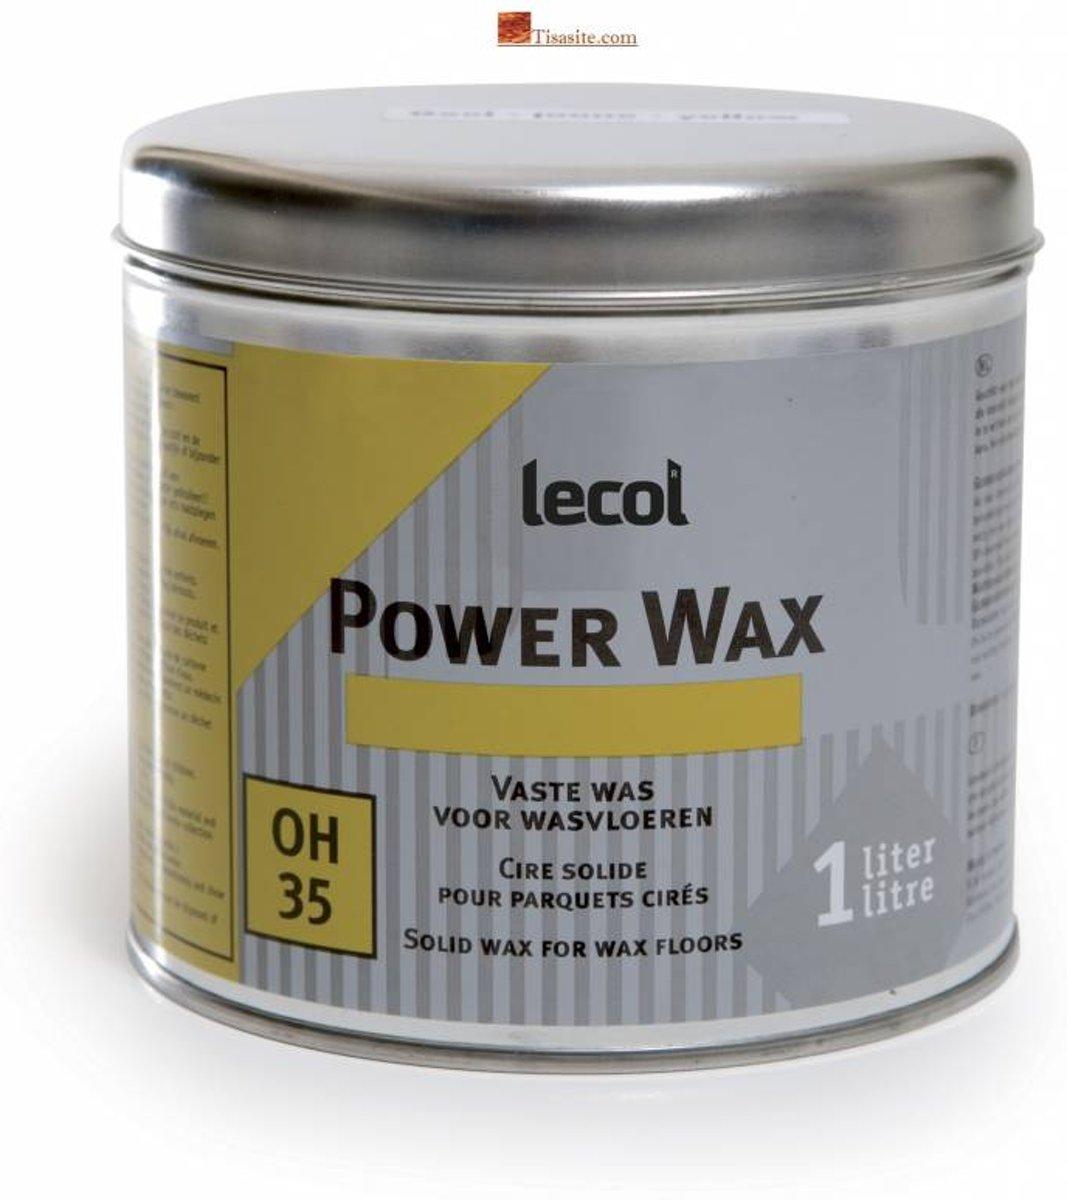 Lecol Power Wax Geel OH35 (101025) kopen